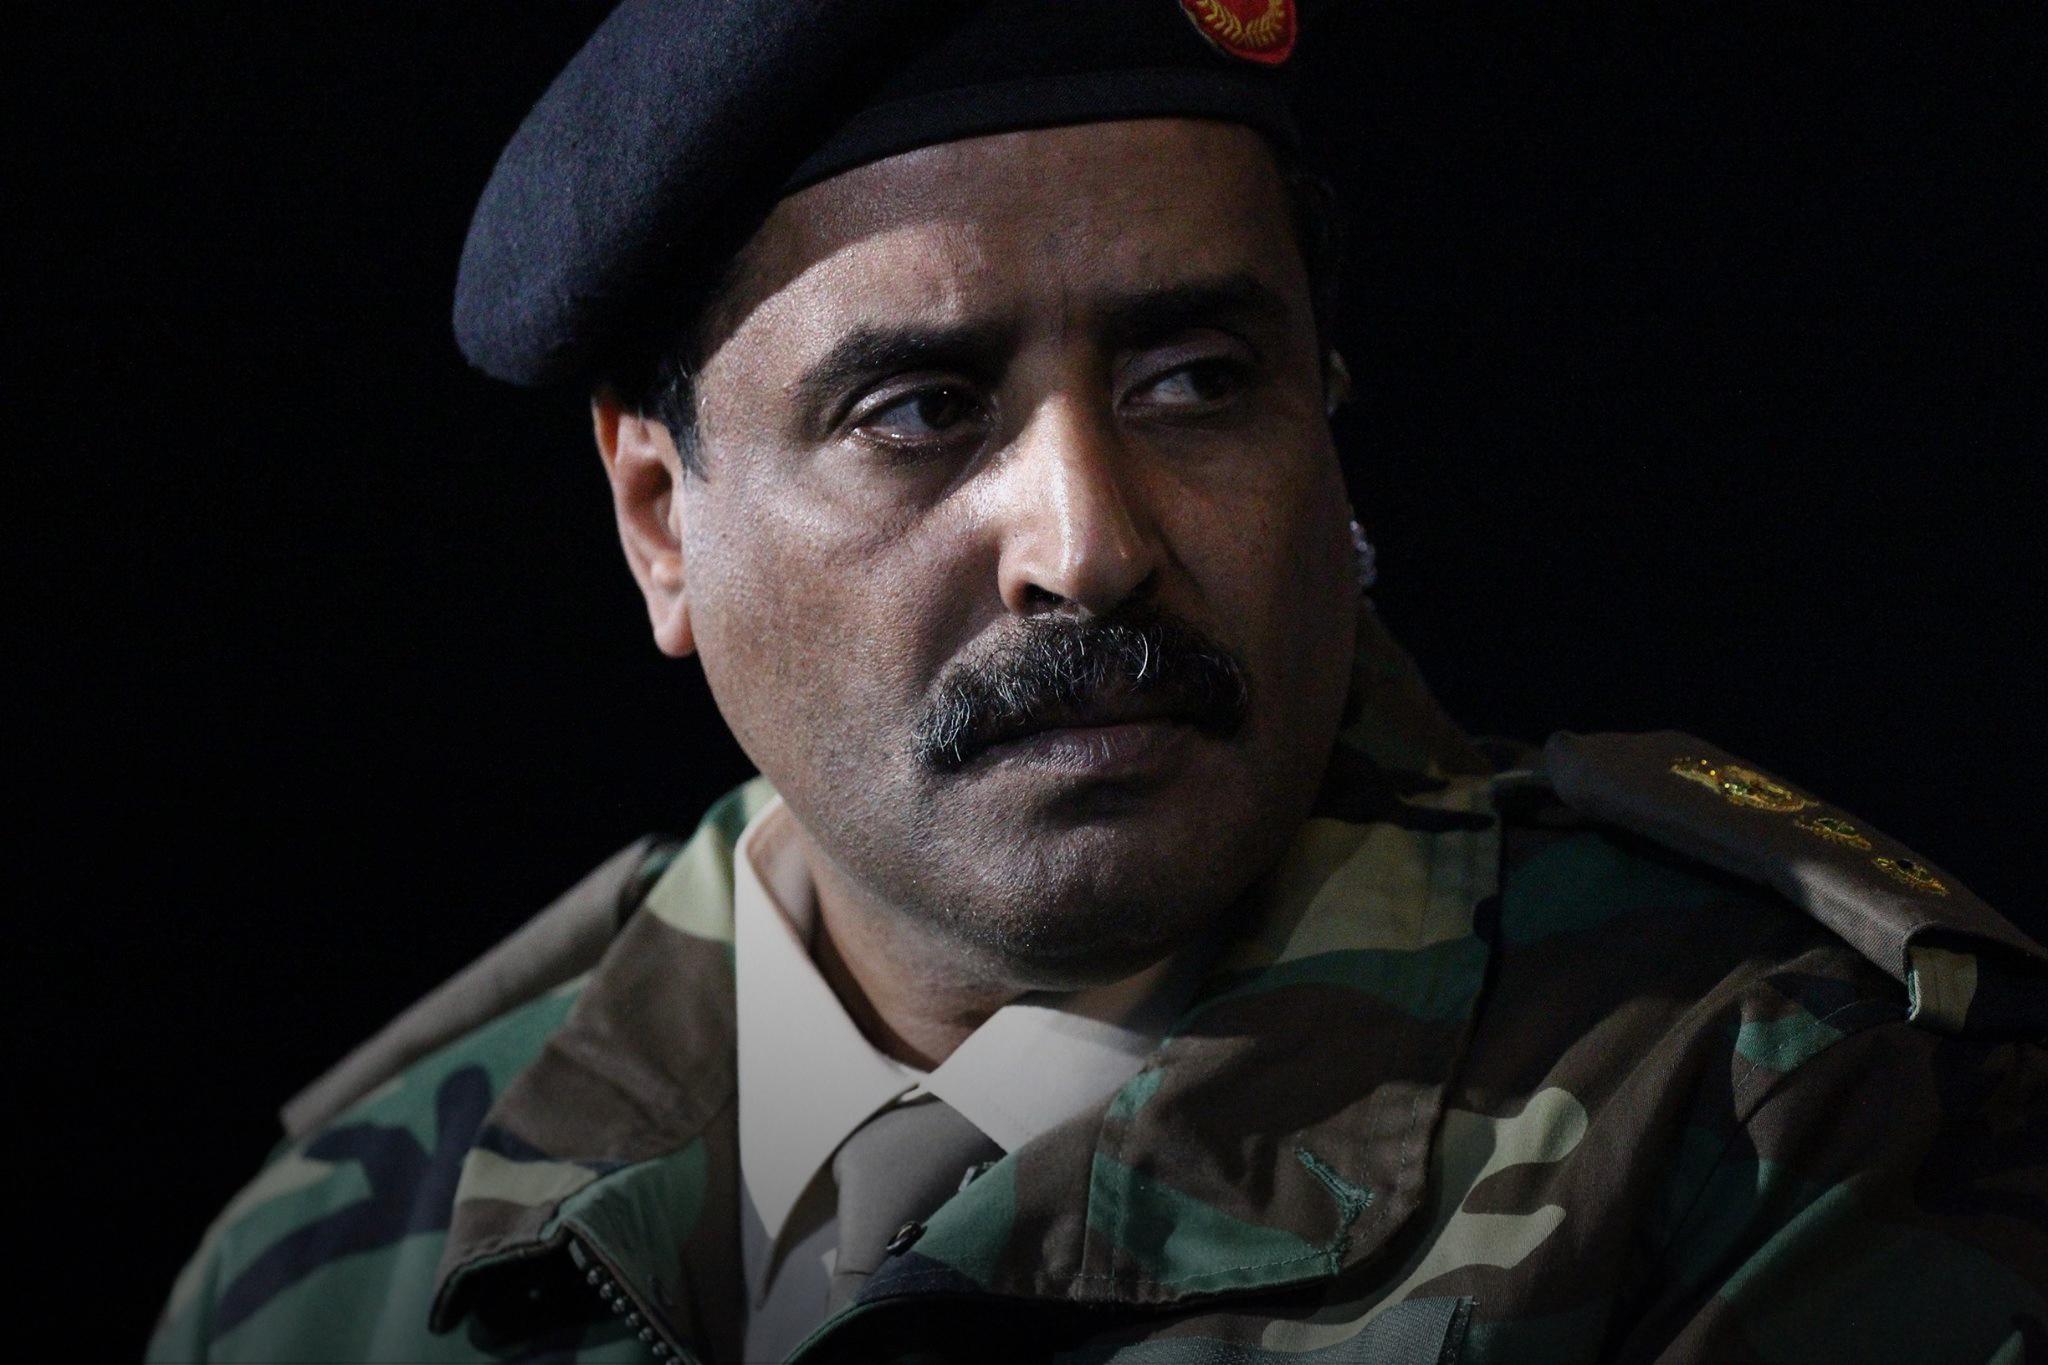 الناطق الرسمي باسم الجيش الوطني، العميد أحمد المسماري